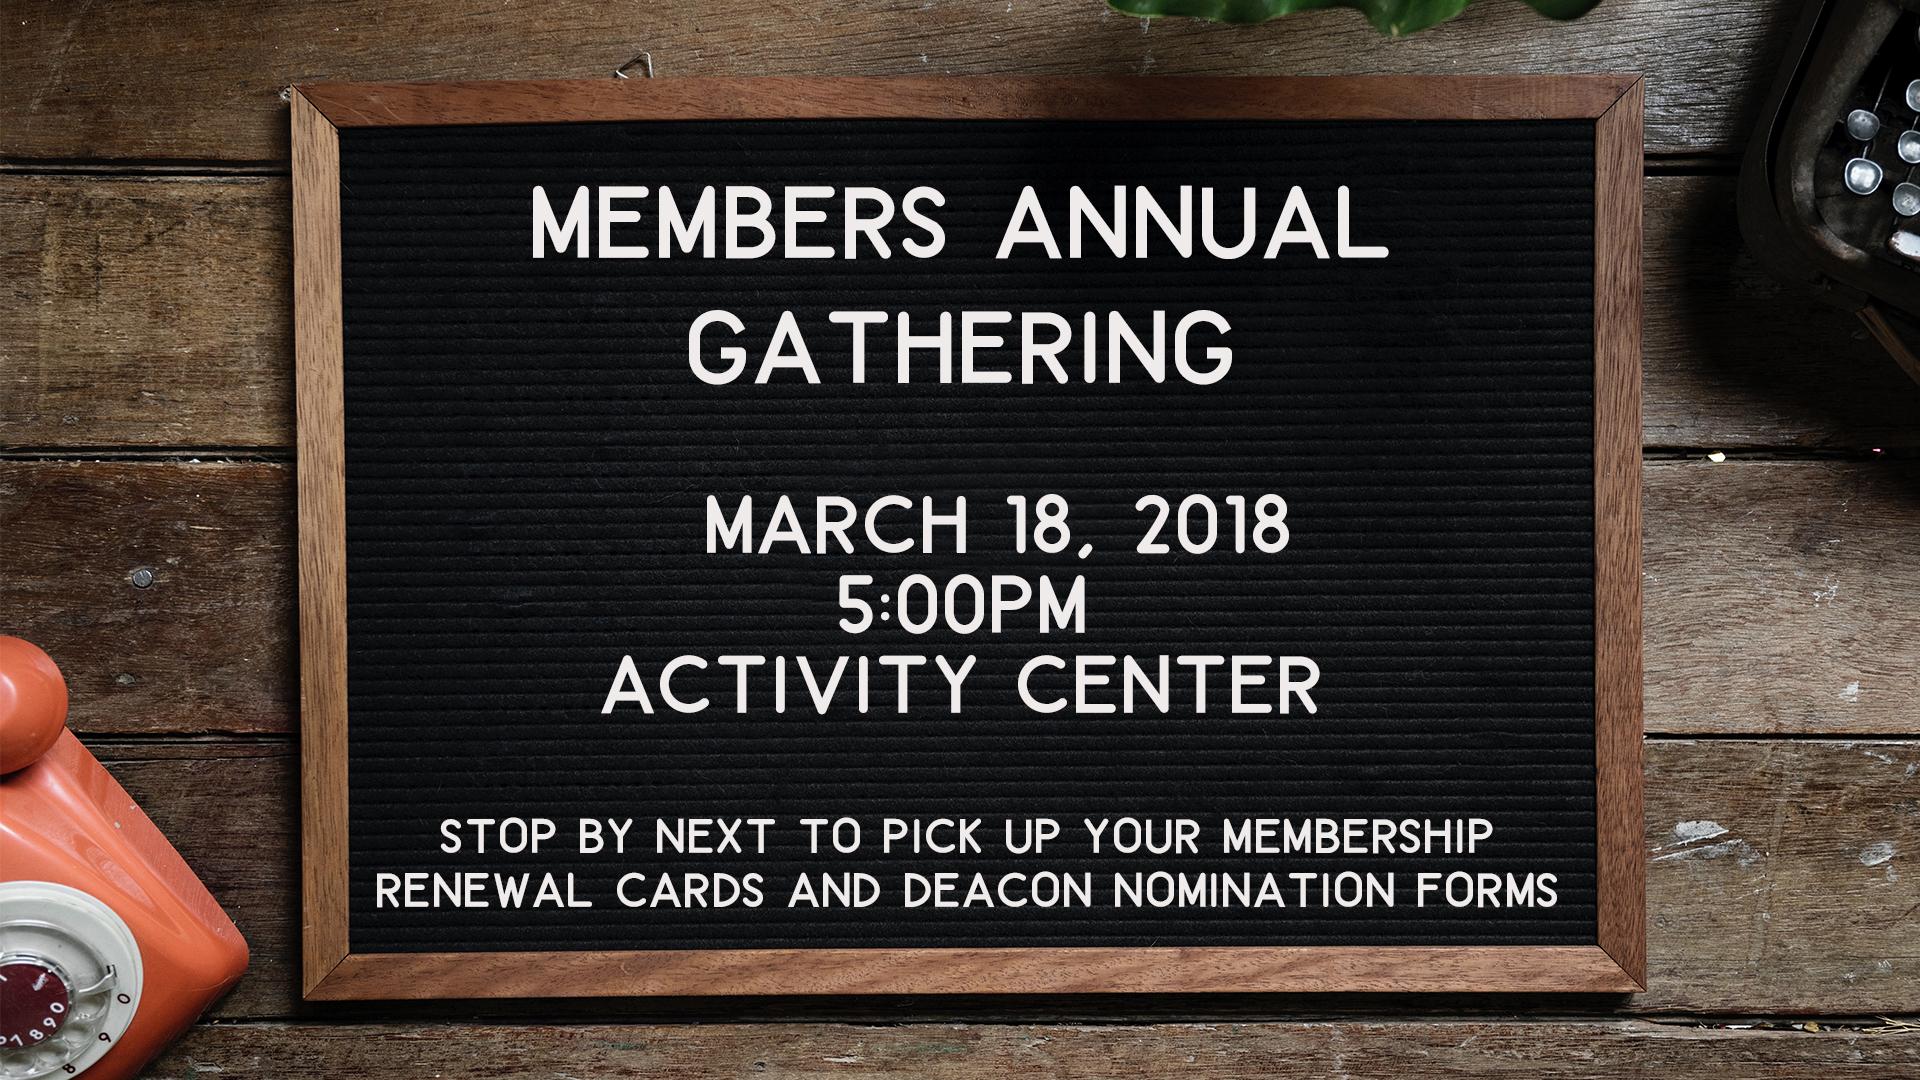 Member Annual Gathering Announcement Slide.jpg